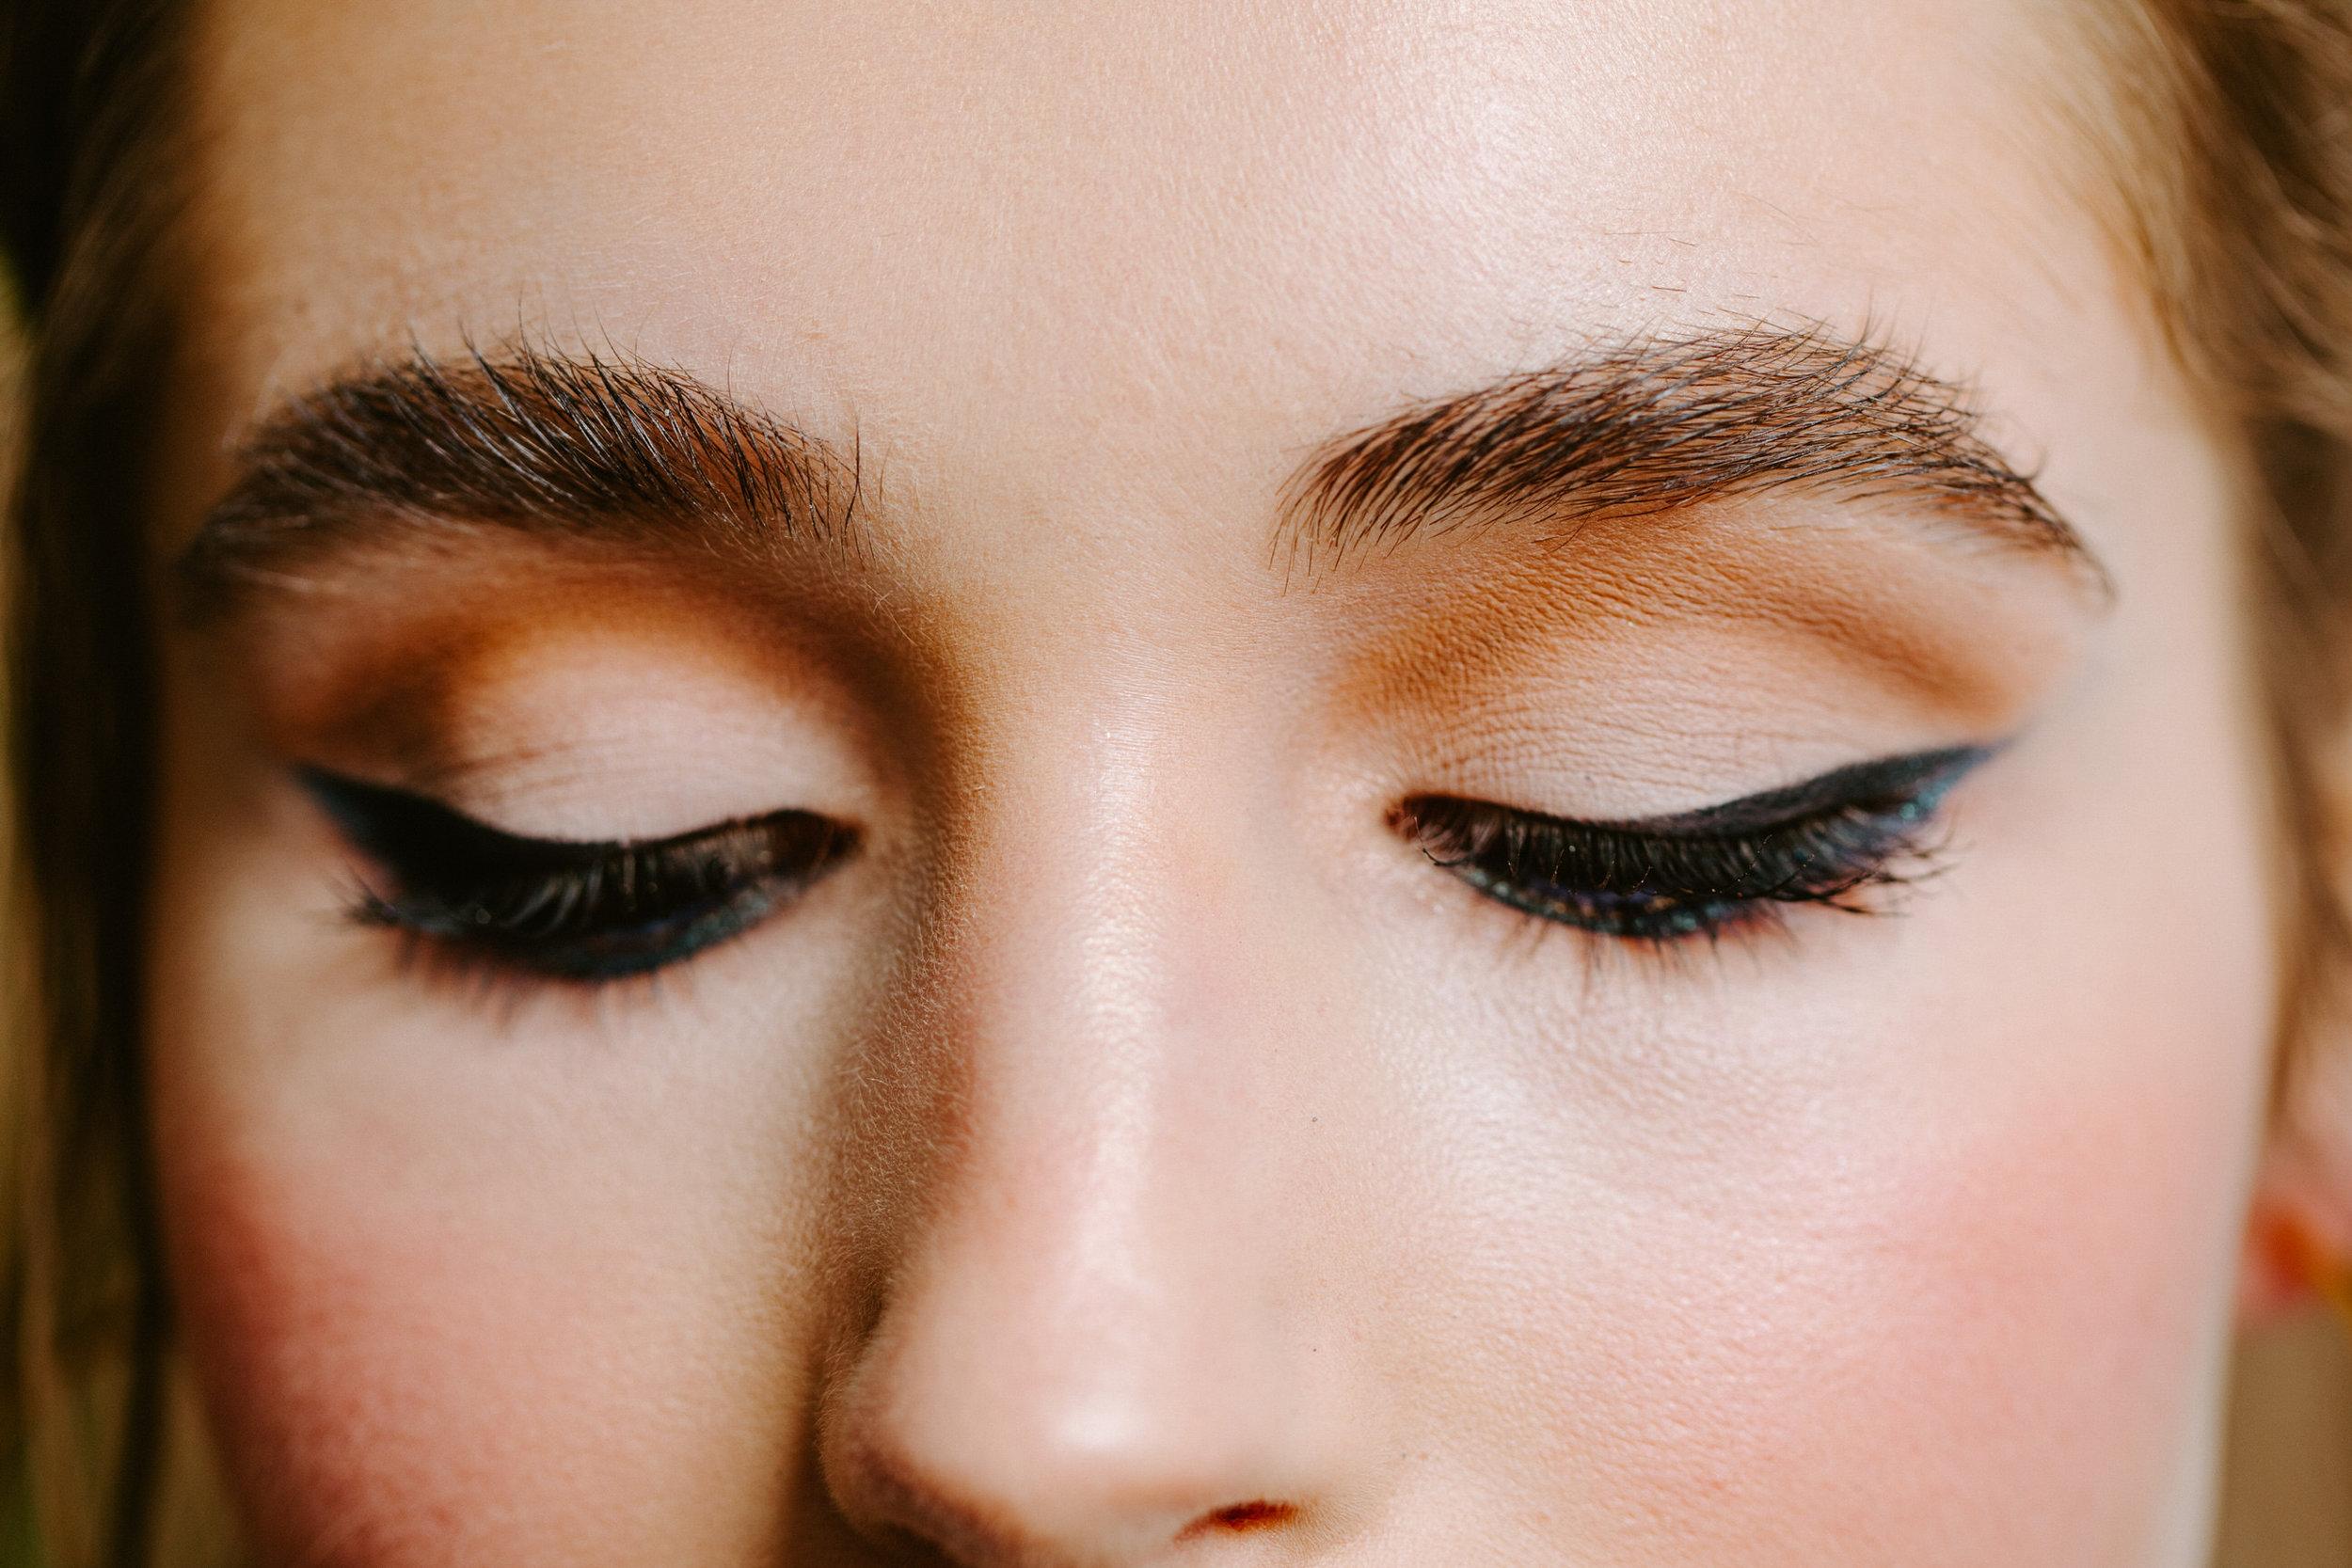 rebekah-earrings-8658.jpg